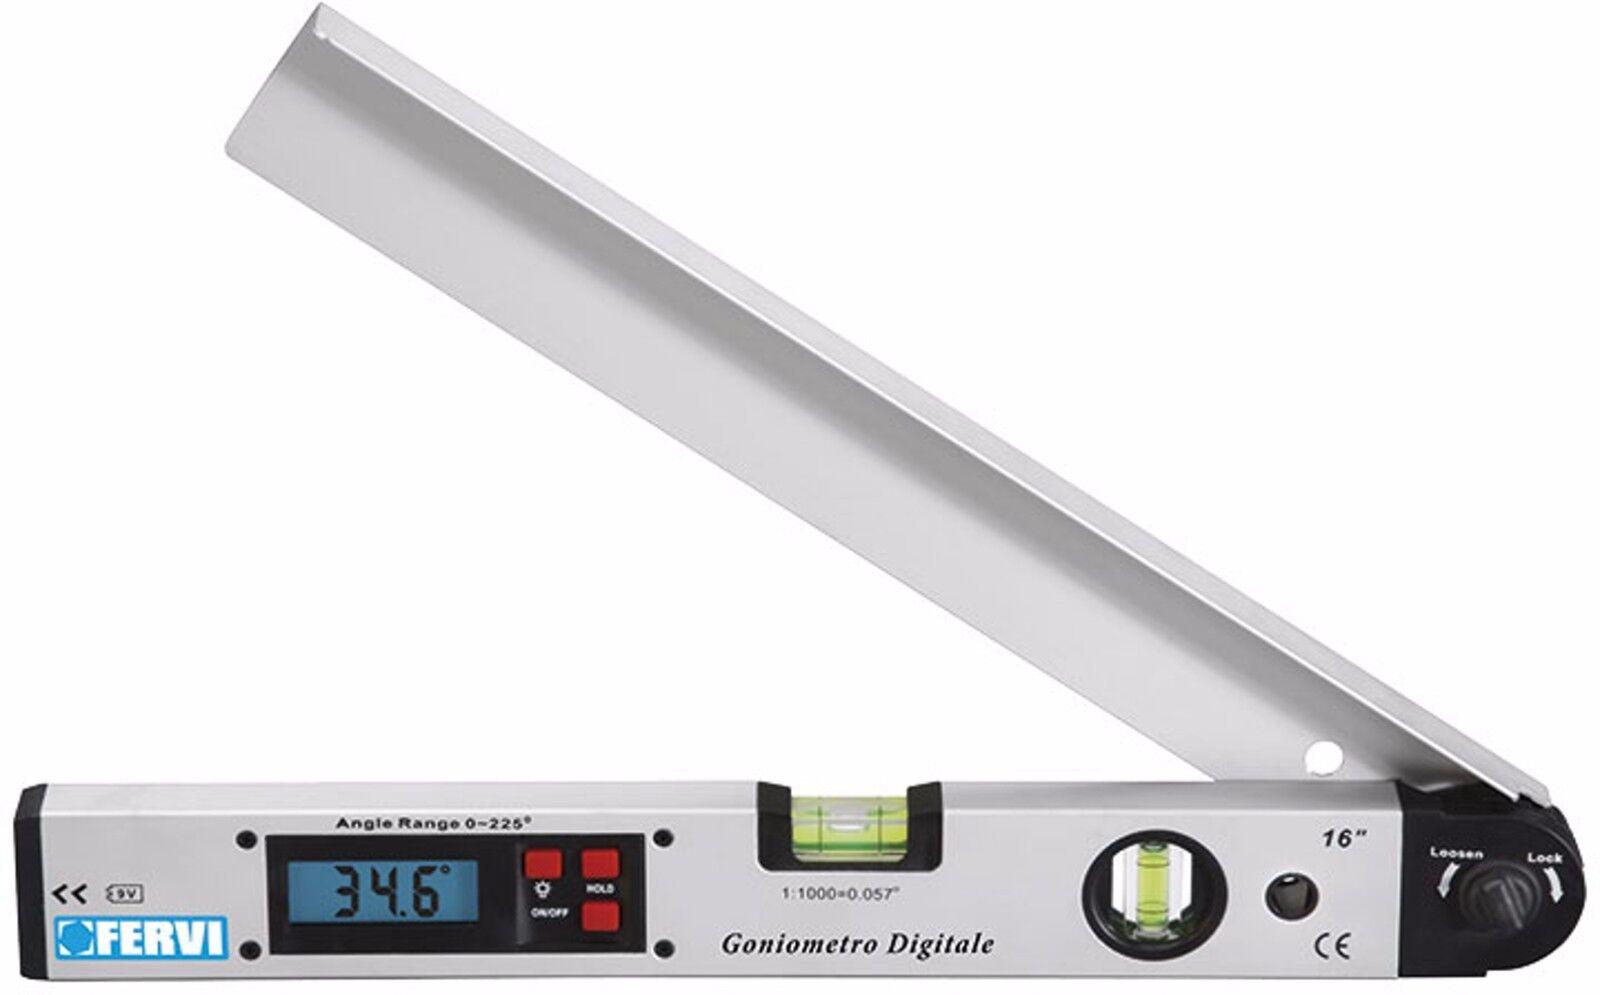 Goniometro digitale e livella con 2 fiale Fervi G008 misurazioni angoli